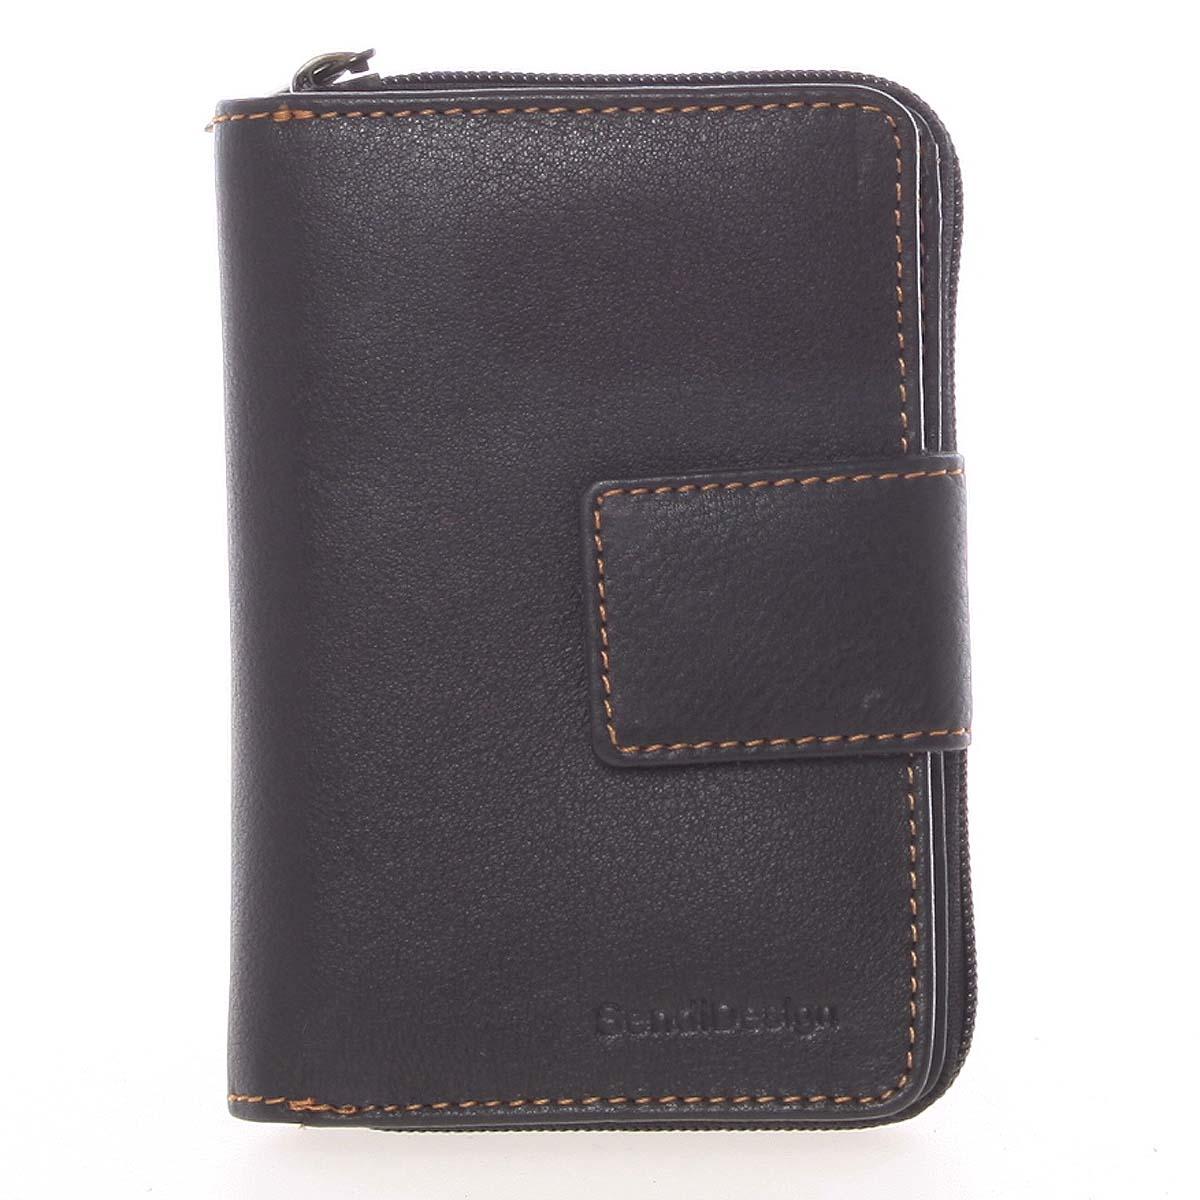 Kvalitní kožená dámská prošívaná peněženka černá - SendiDesign Reta